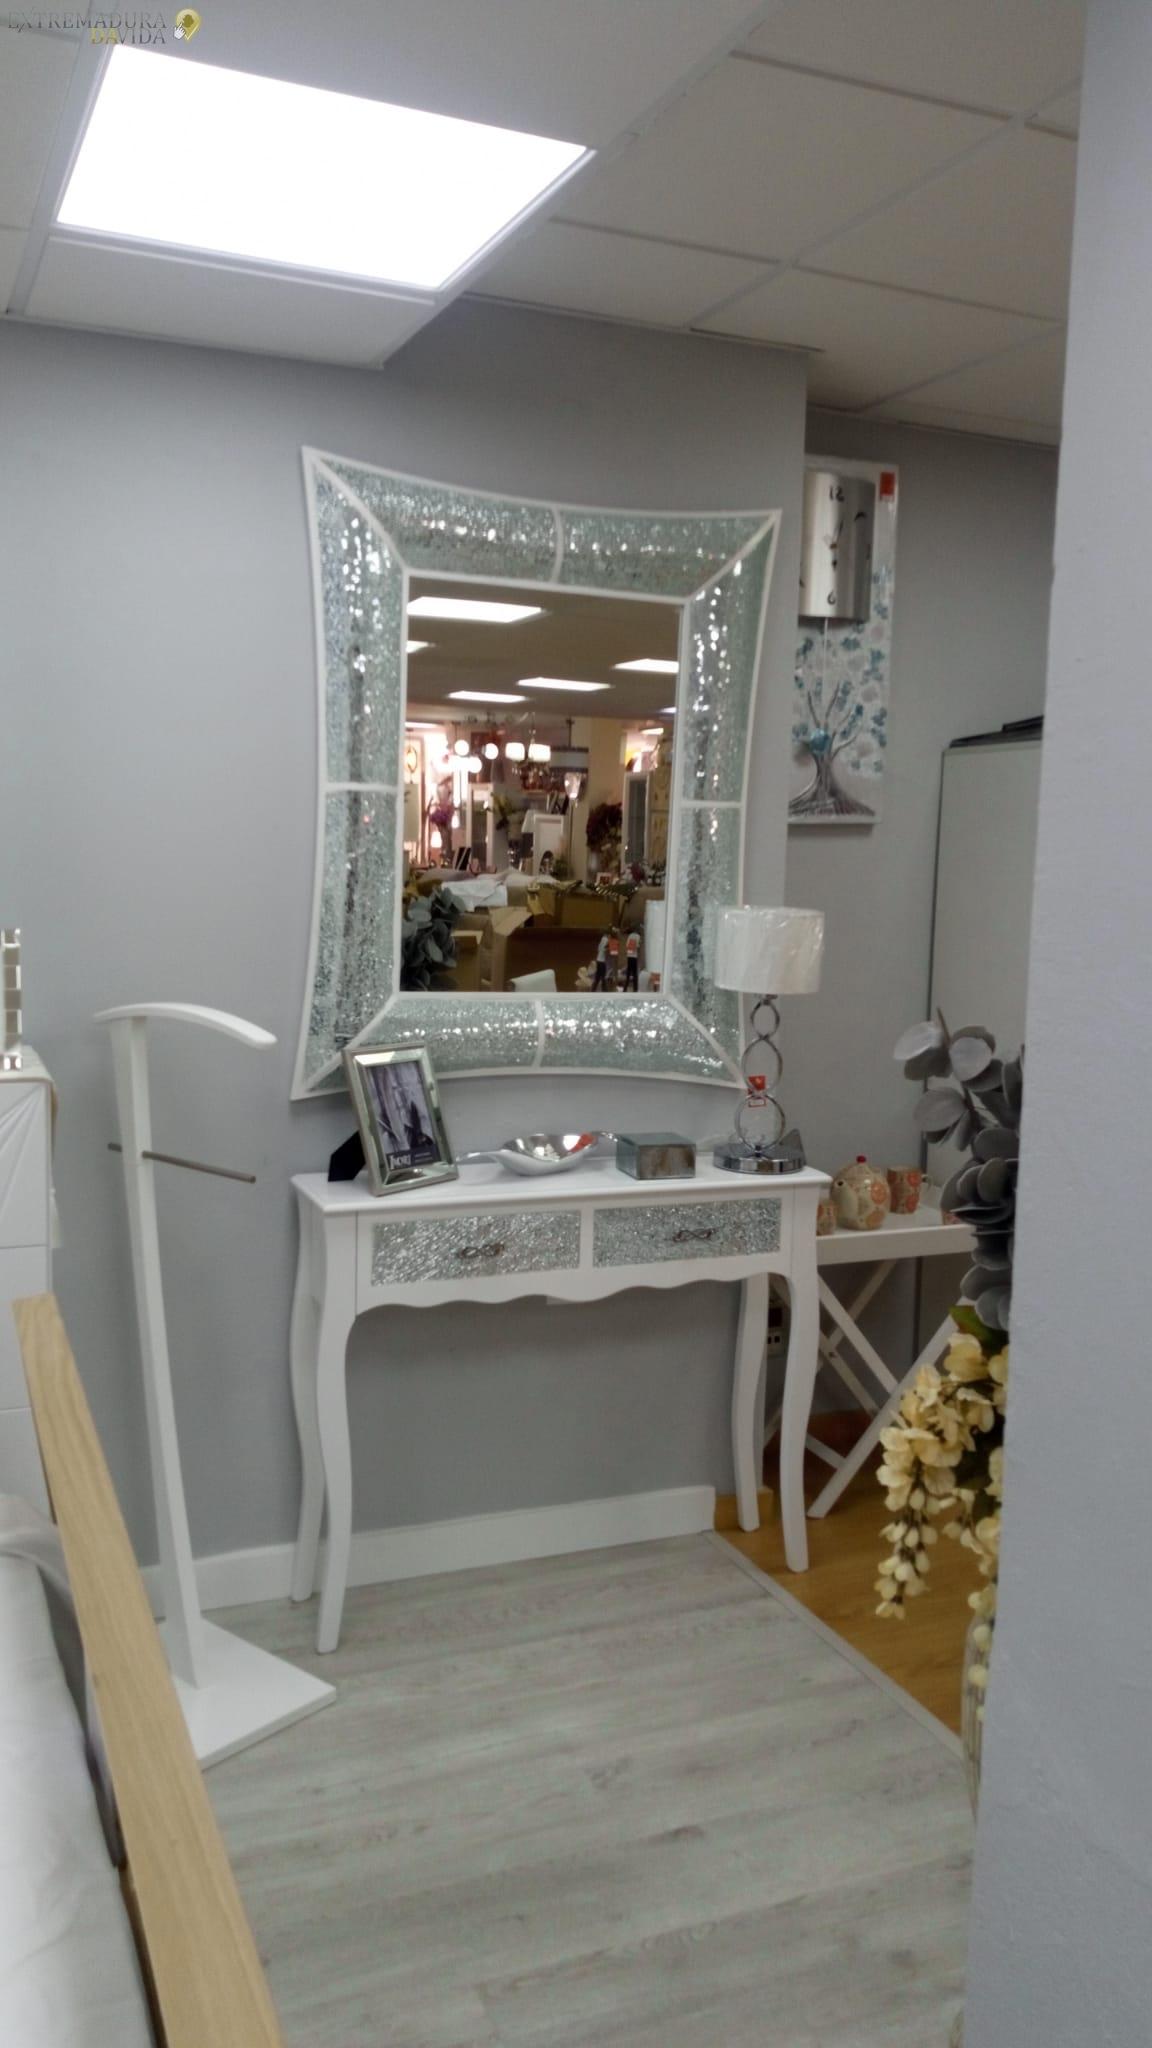 Tienda de muebles decoración en Almendralejo Pa´Casa Armarios a medida vestidoresTienda de muebles decoración en Almendralejo Pa´Casa Armarios a medida vestidores